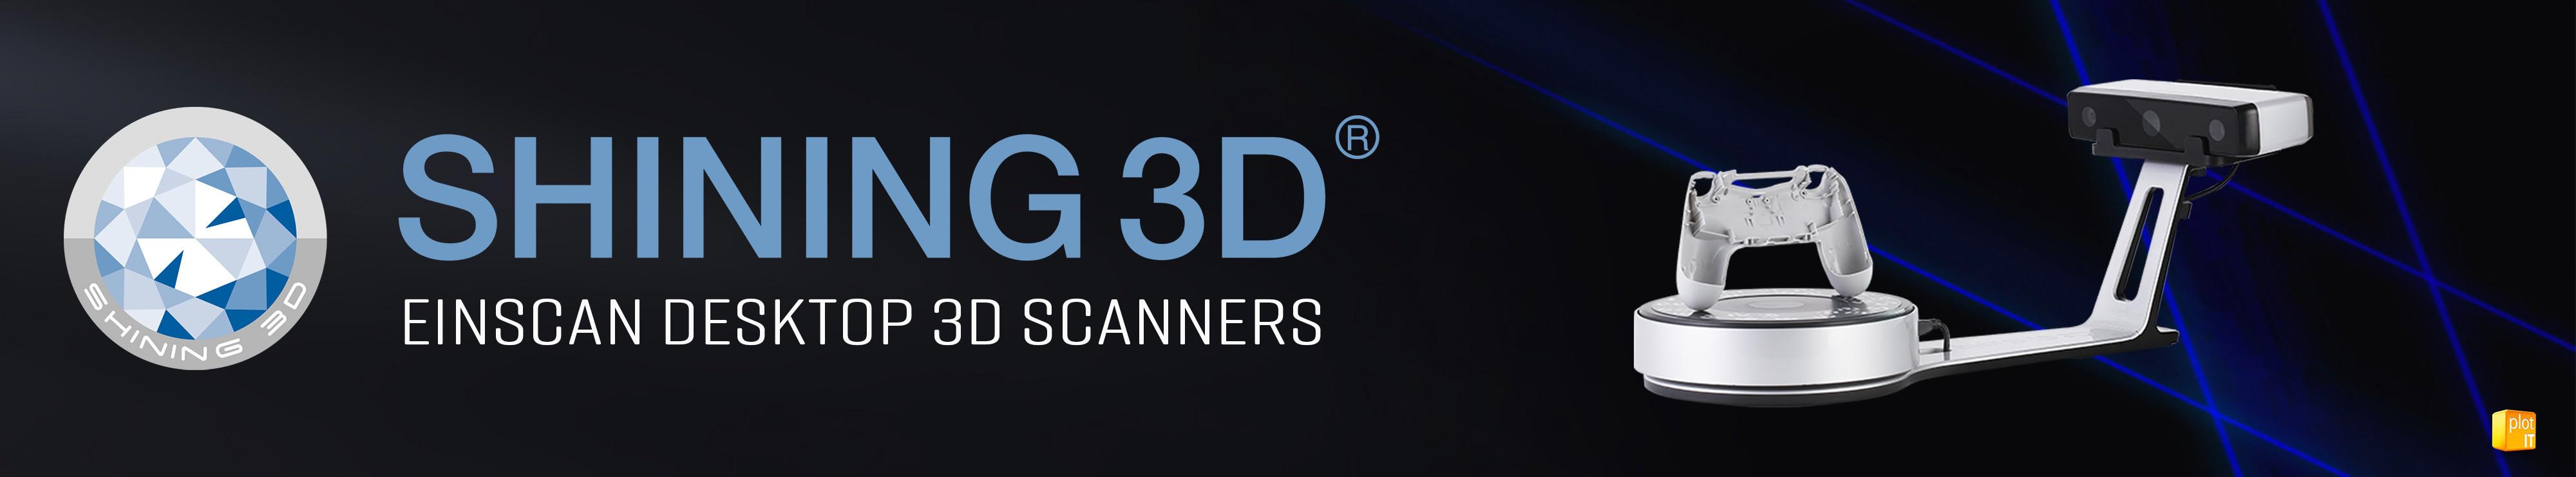 SHINING 3D MAIN BANNER